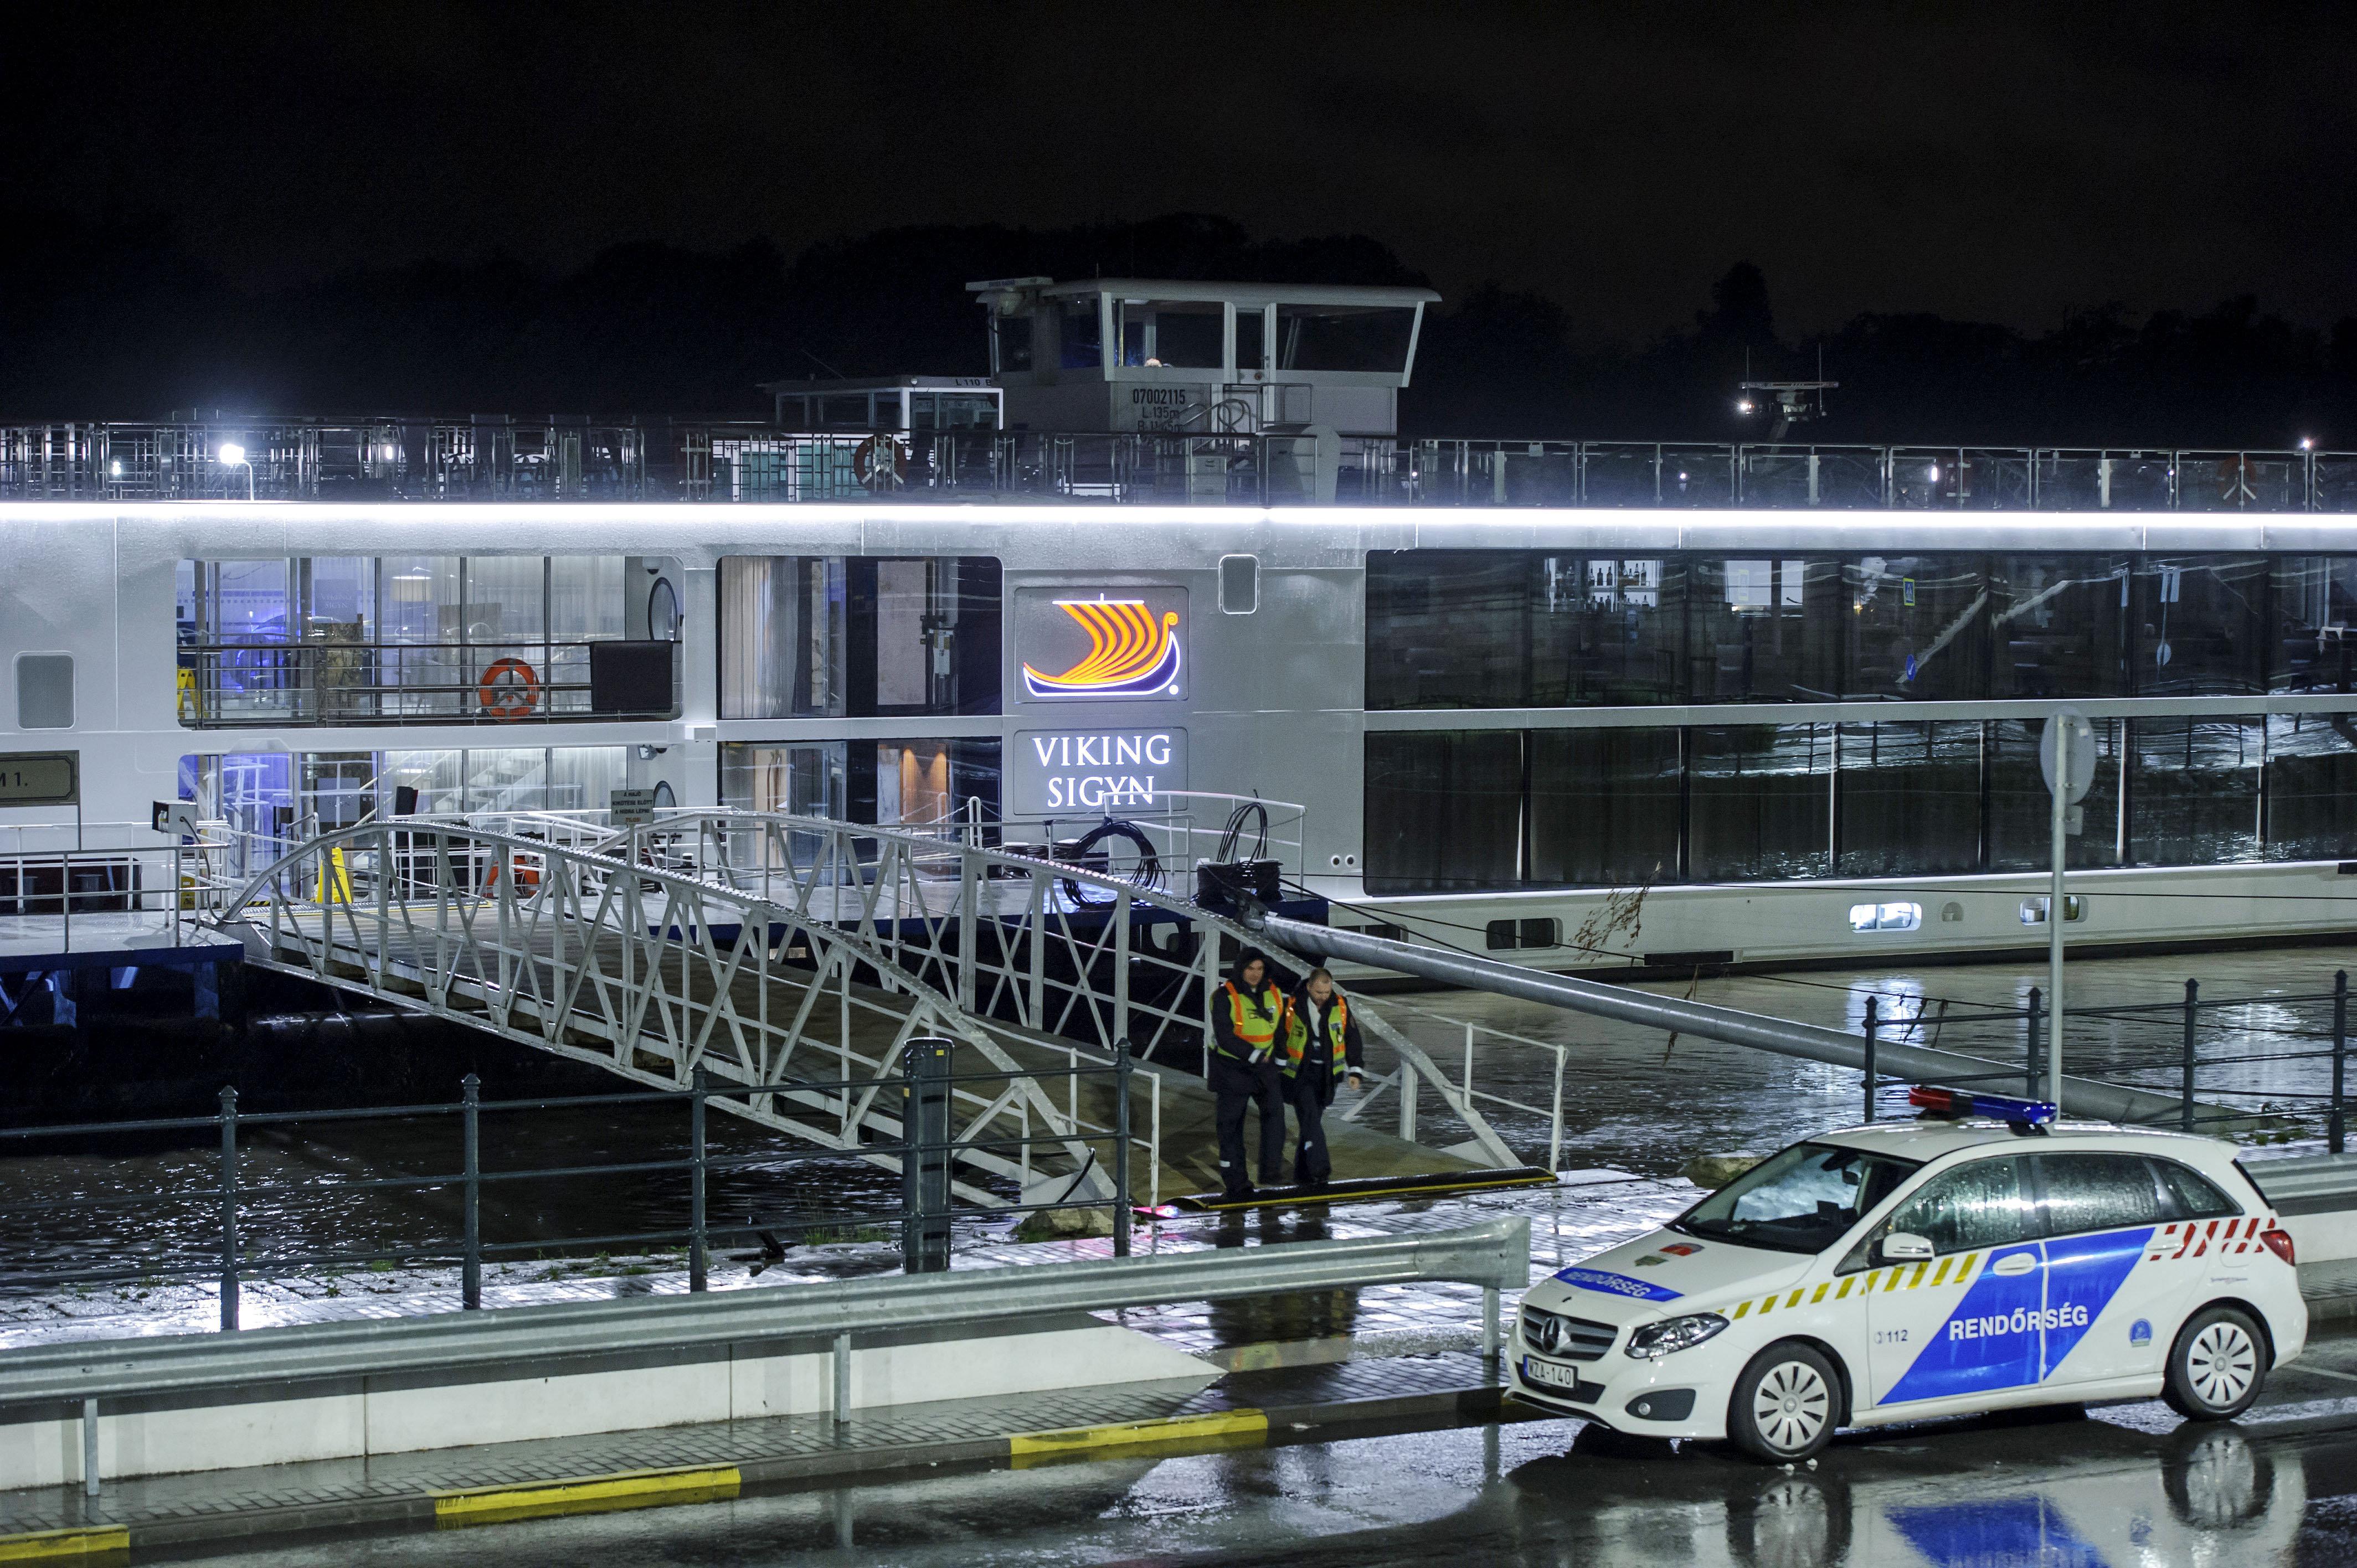 Kreuzfahrtschiff-Kapitän löschte alle Daten vom Handy nach dem Absturz